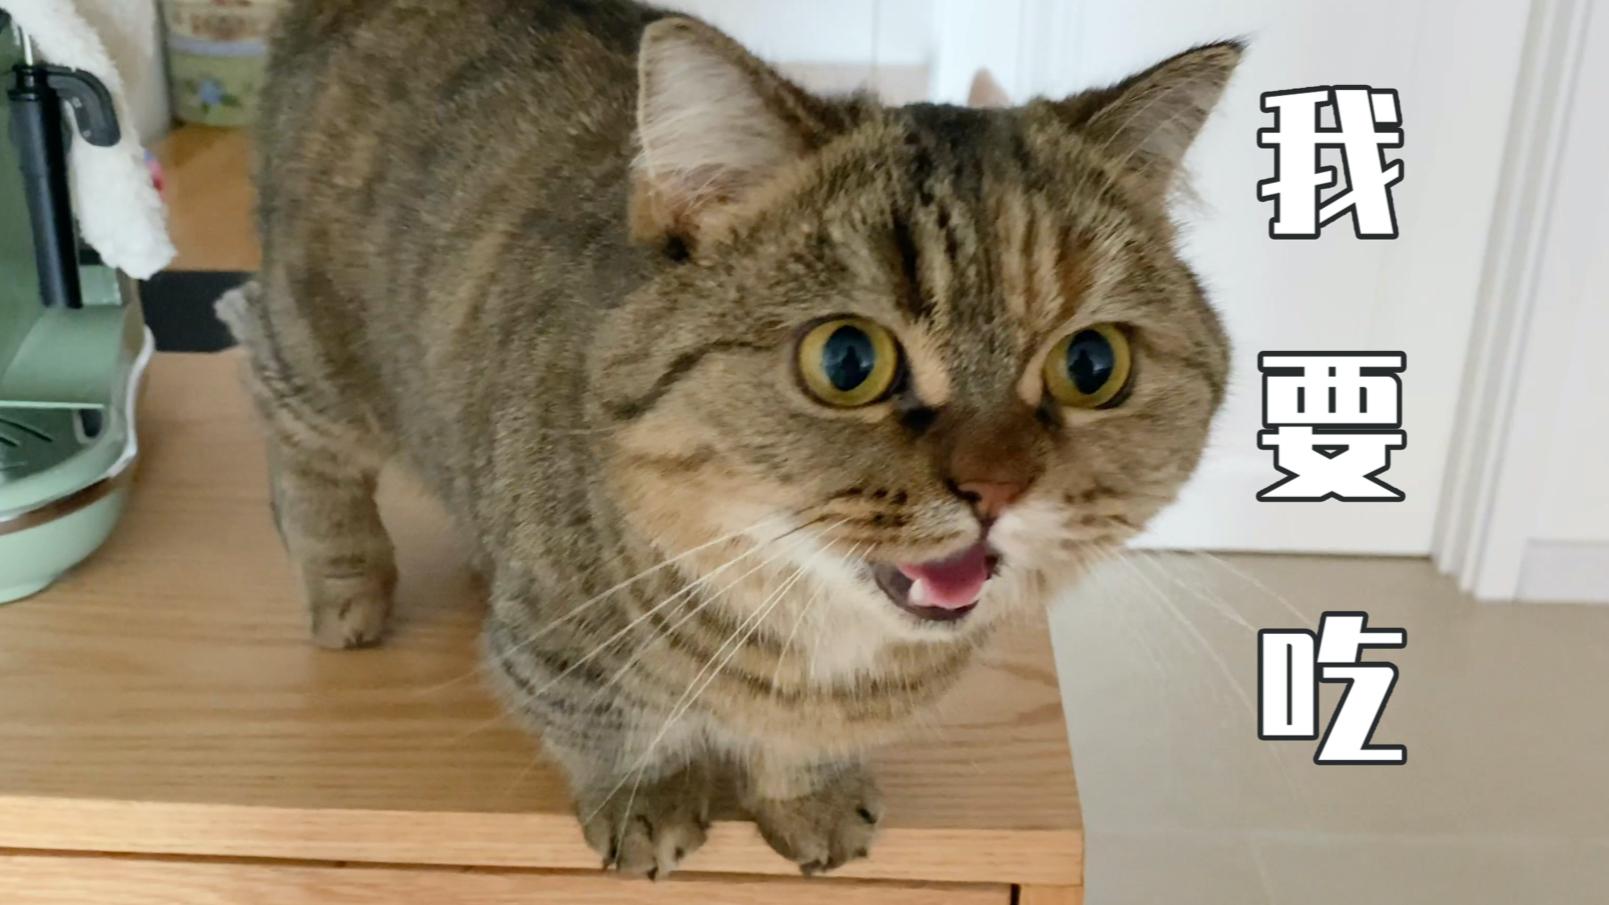 喂猫吃空气,纷纷表示好吃